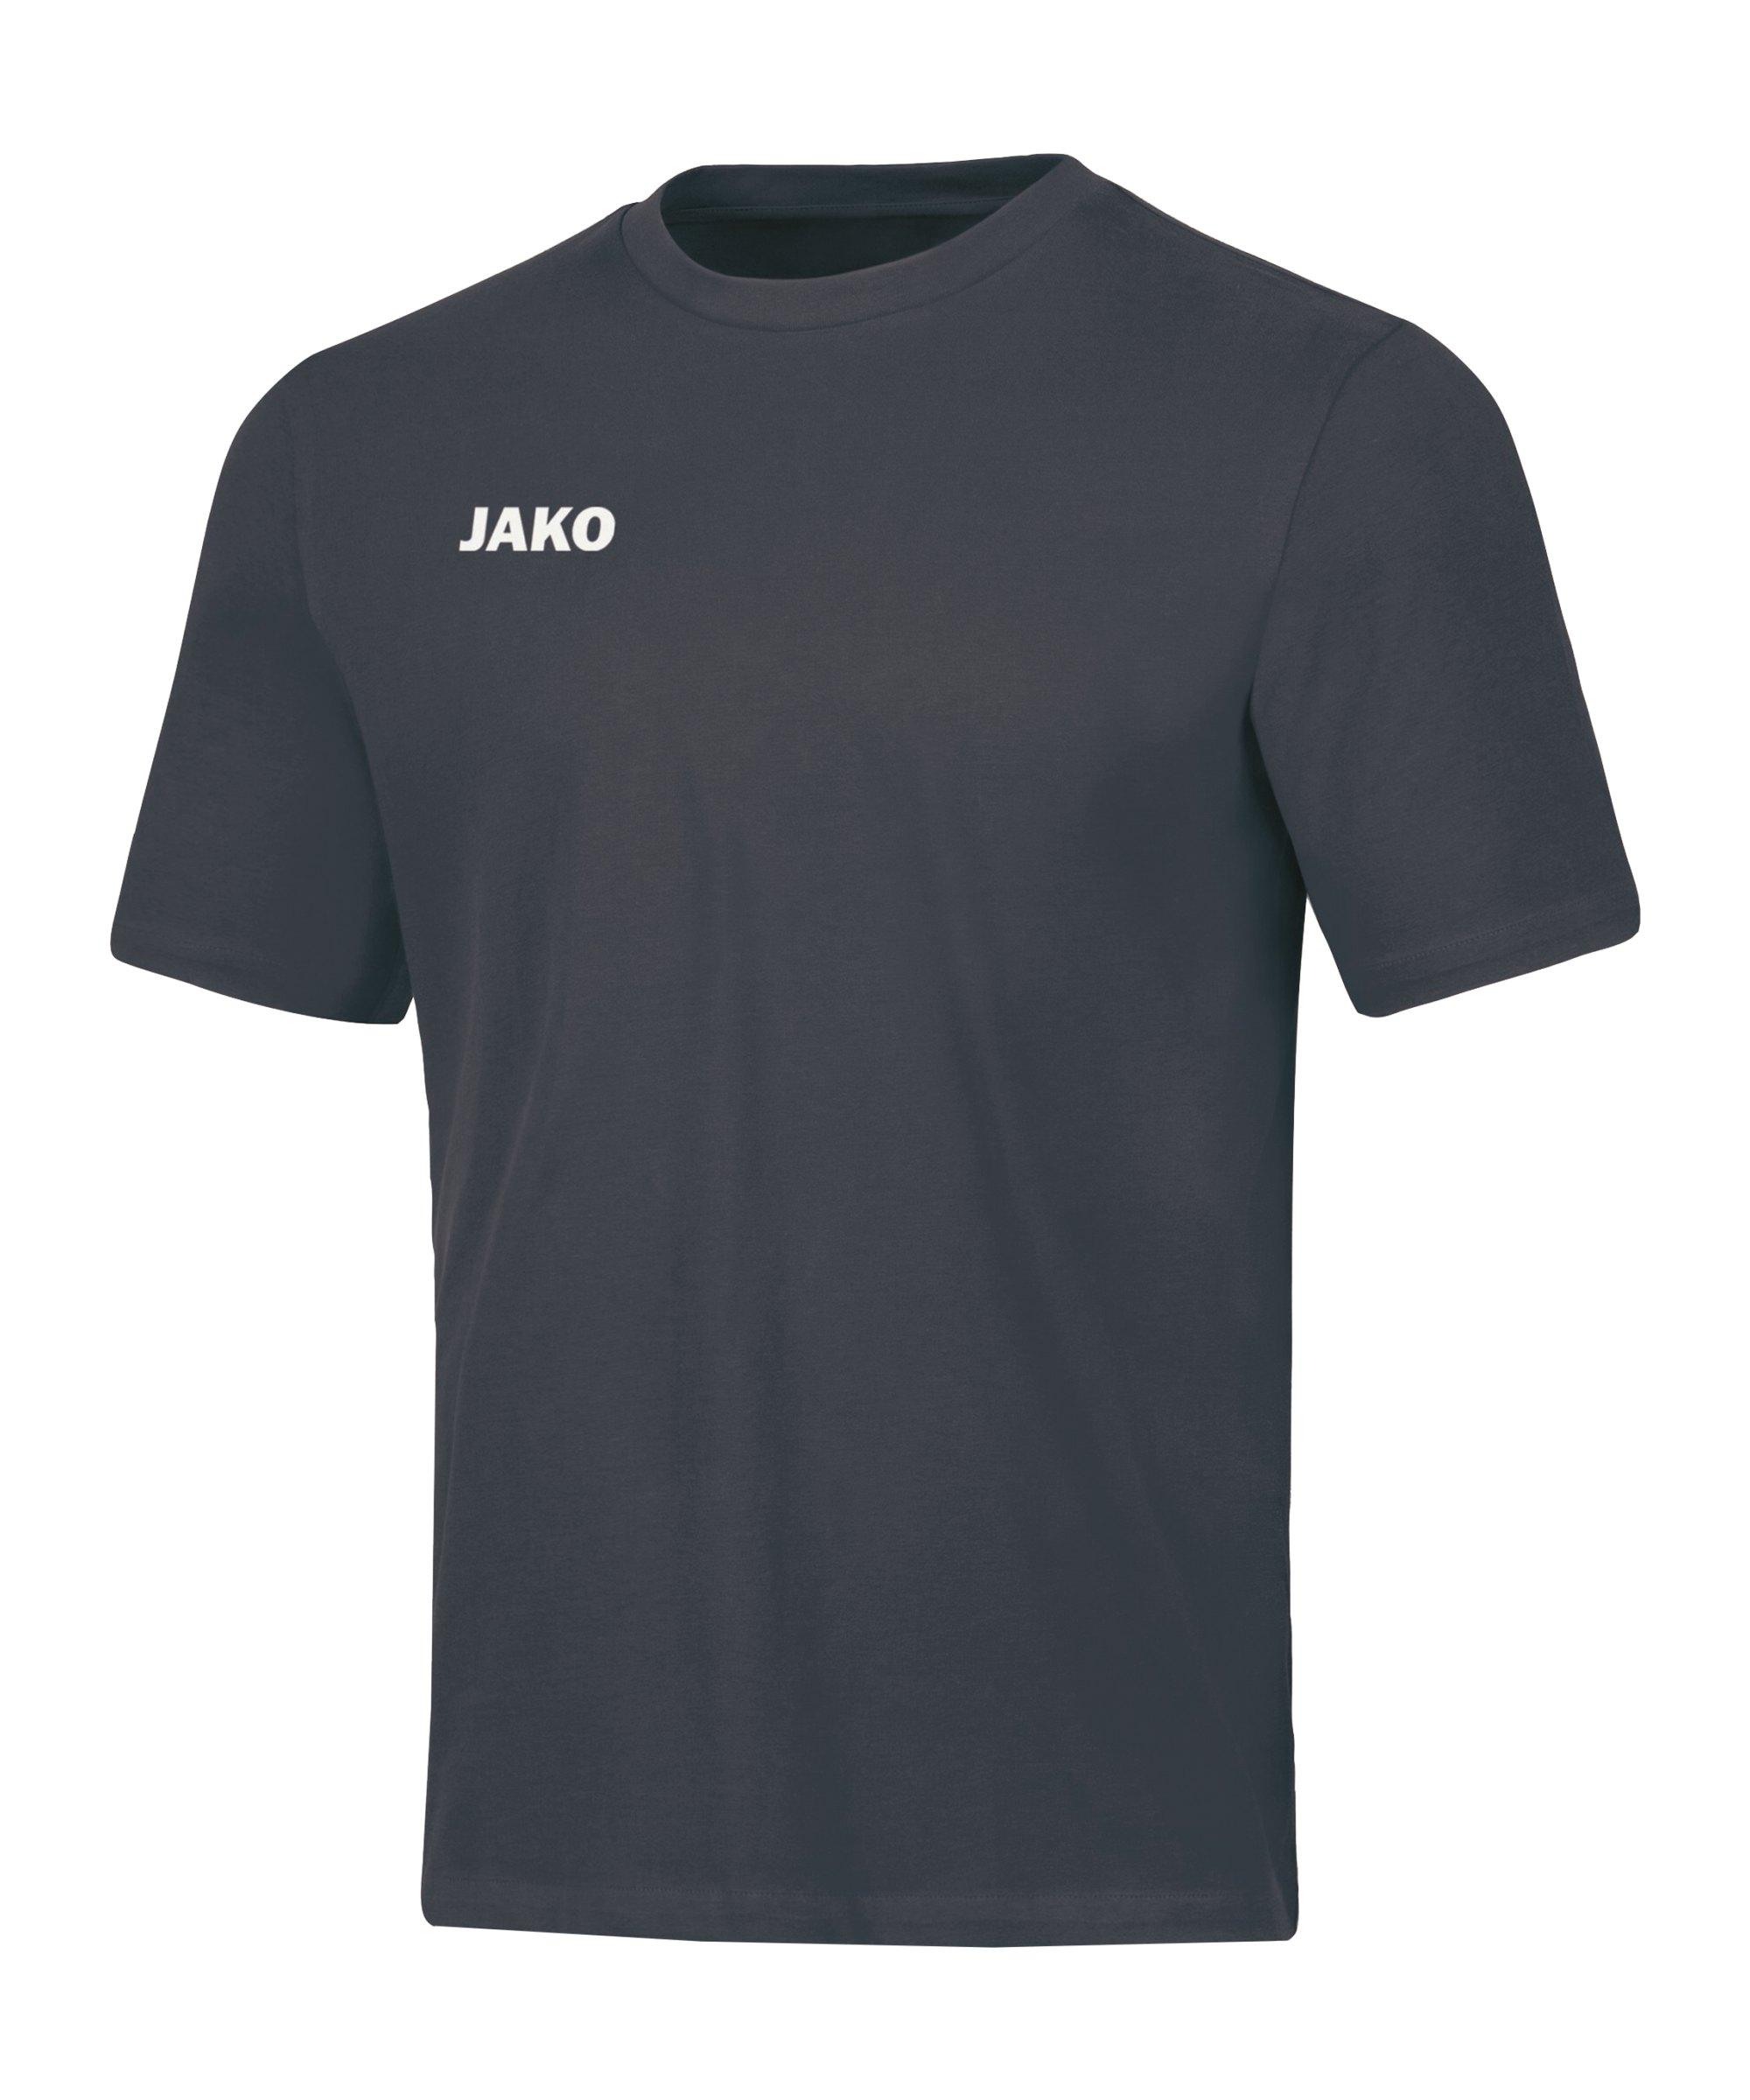 JAKO Base T-Shirt Grau F21 - grau